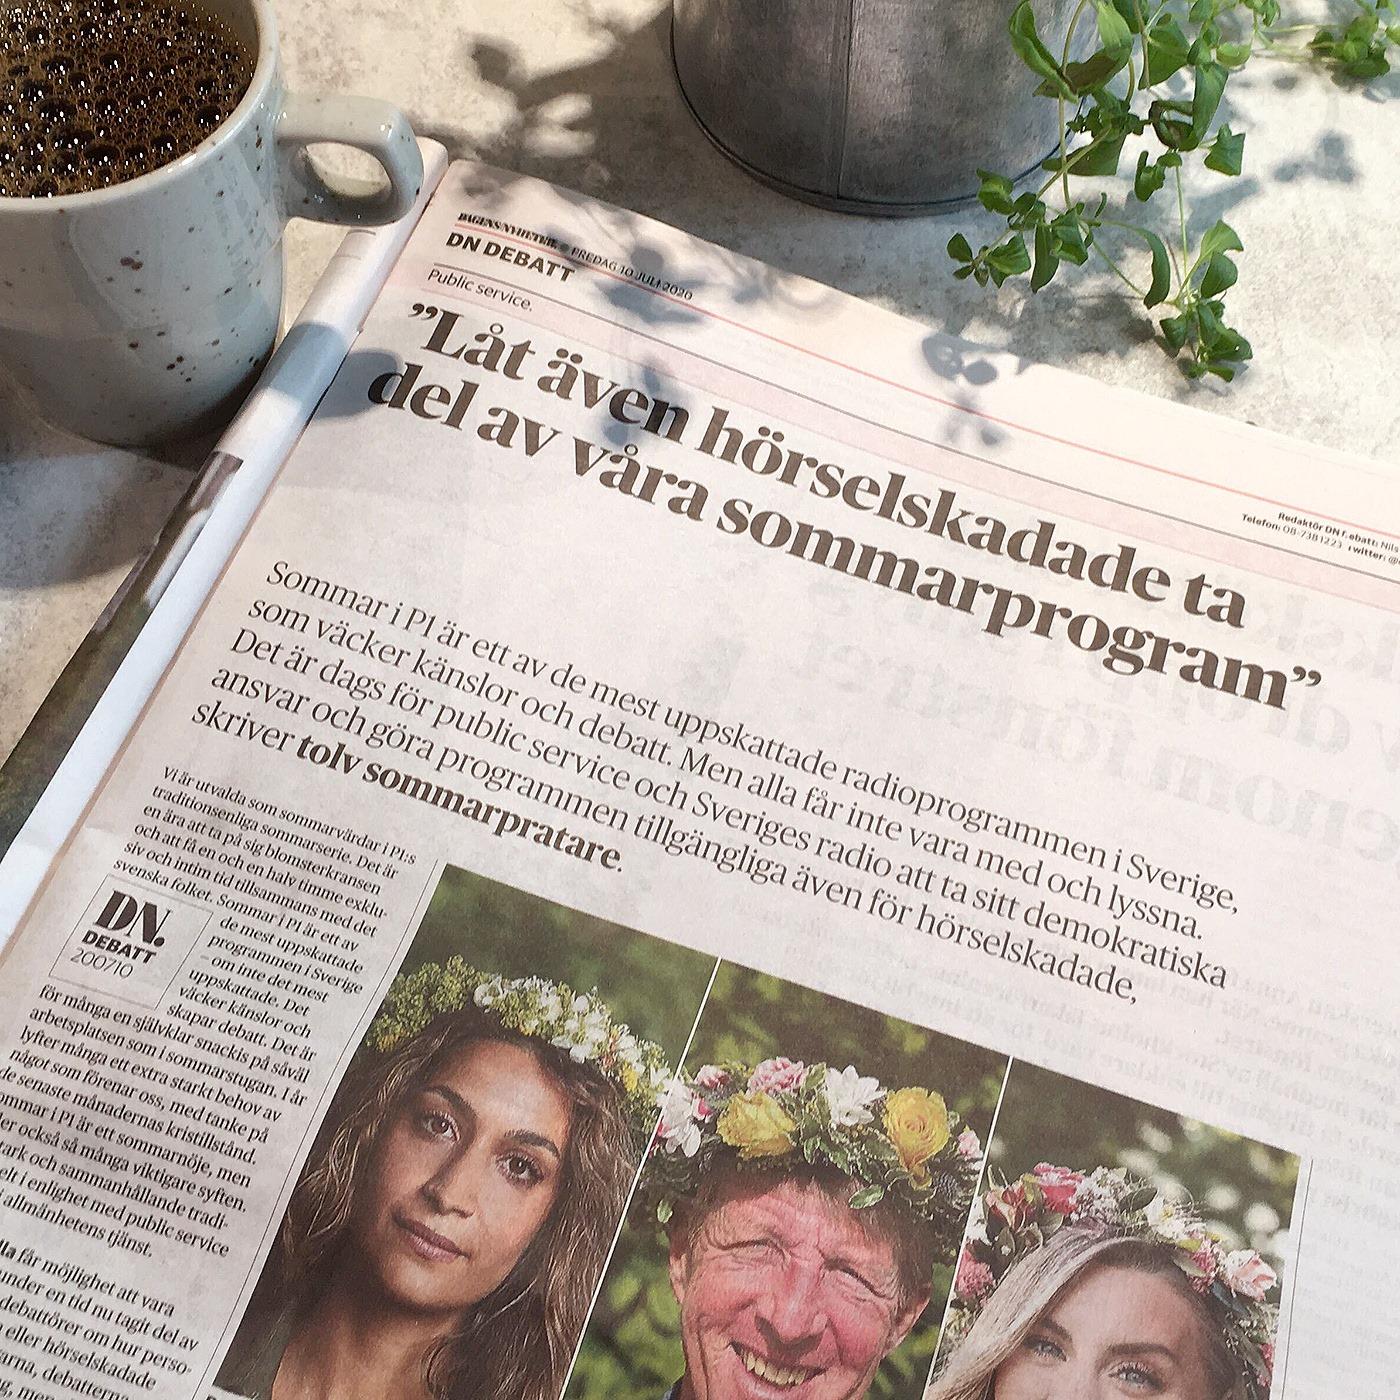 """Foto, tidning på bord, kaffekopp, krukväxt. I tidningen rubriken """"Låt även hörselskadade ta del av våra sommarprogram"""", tre porträttbilder av Rojda Sekersöz, Björn Natthiko Lindeblad och Therése Lindgren i blomsterkrans."""